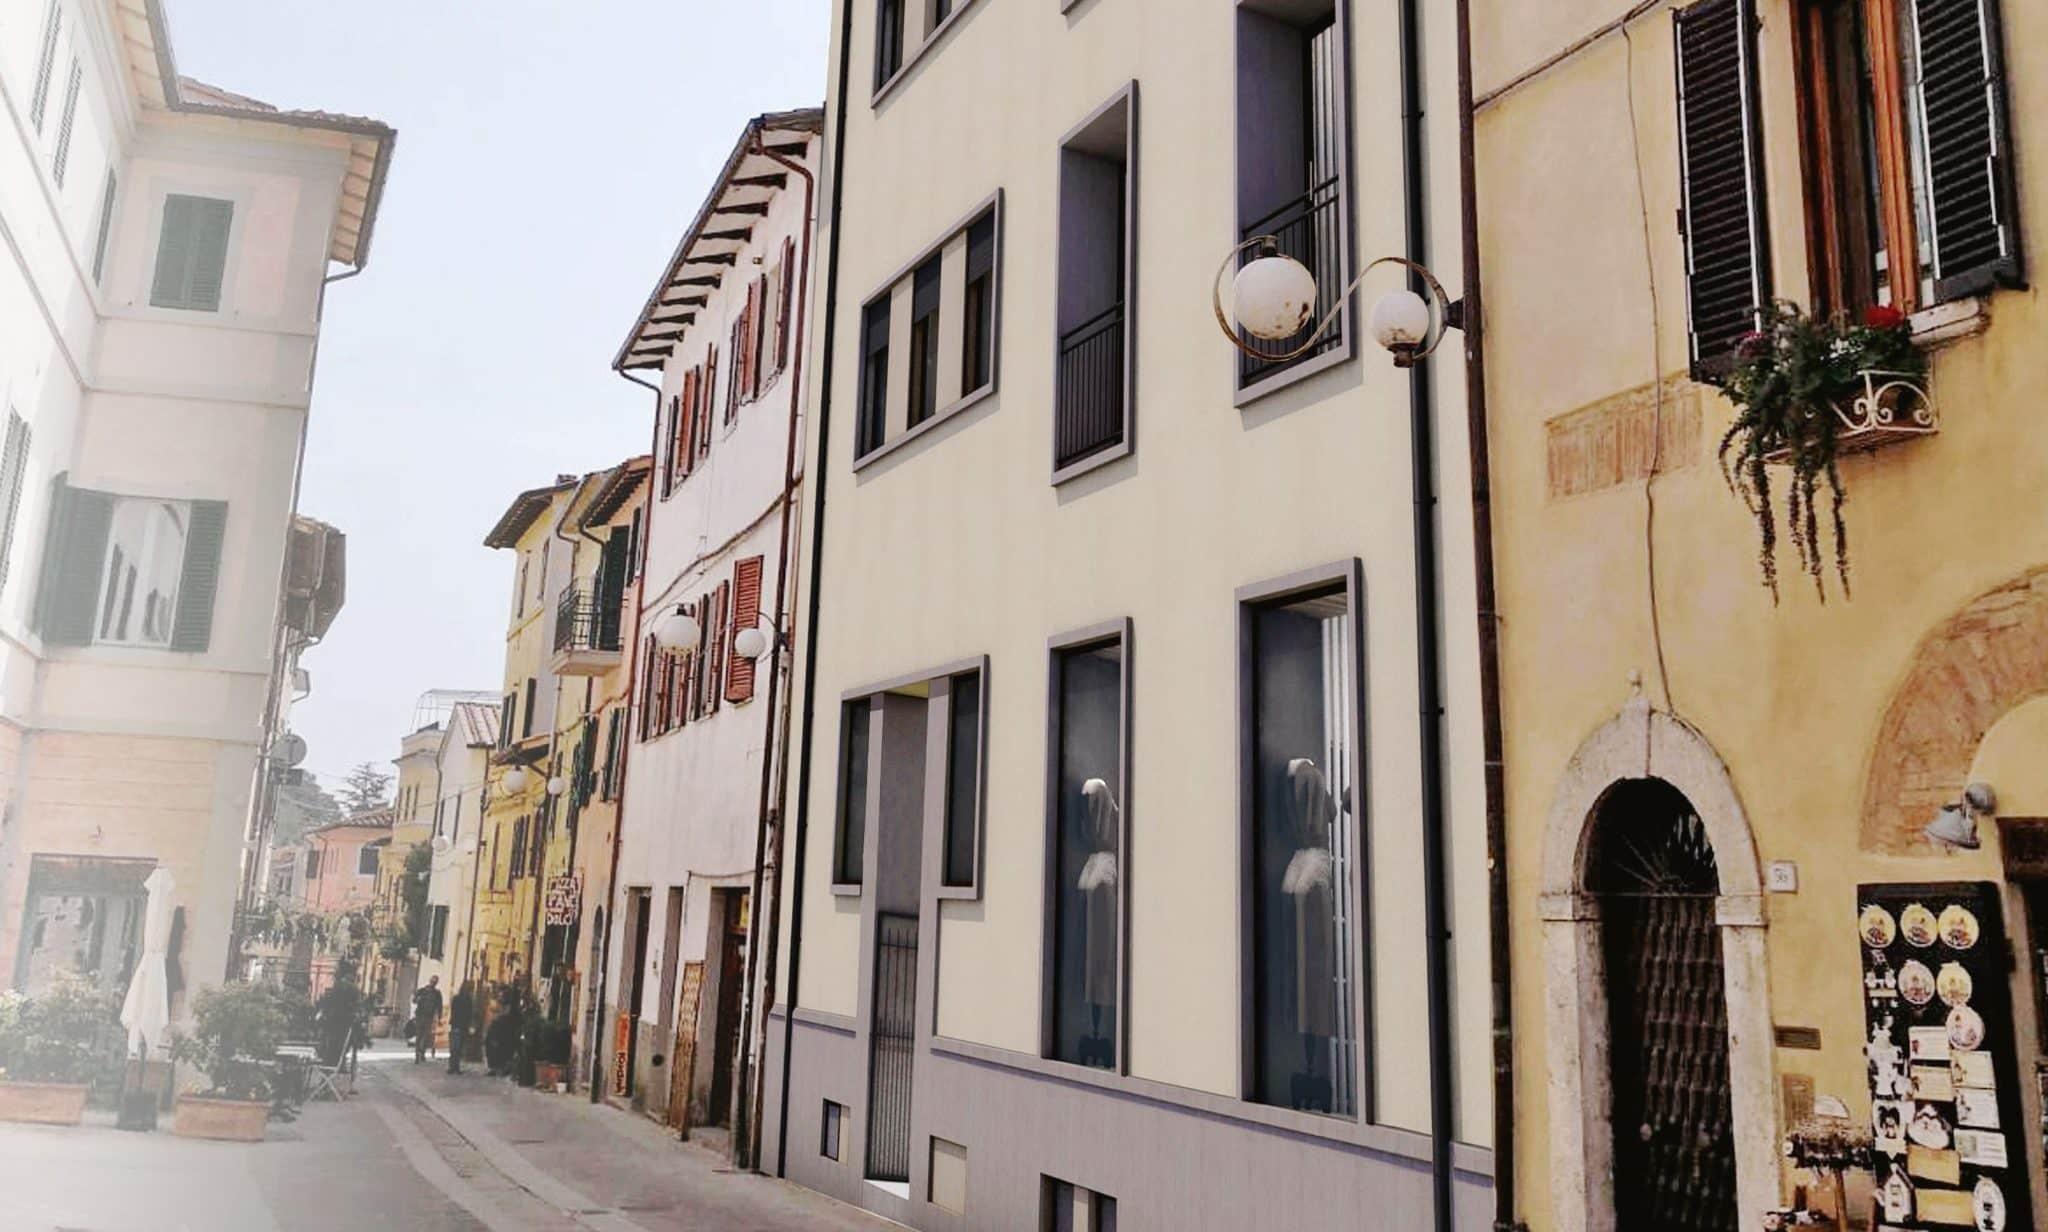 <b>Scopri la magia</b> <br/>di uno fra i<br/> <b> borghi più belli d'Italia</b>